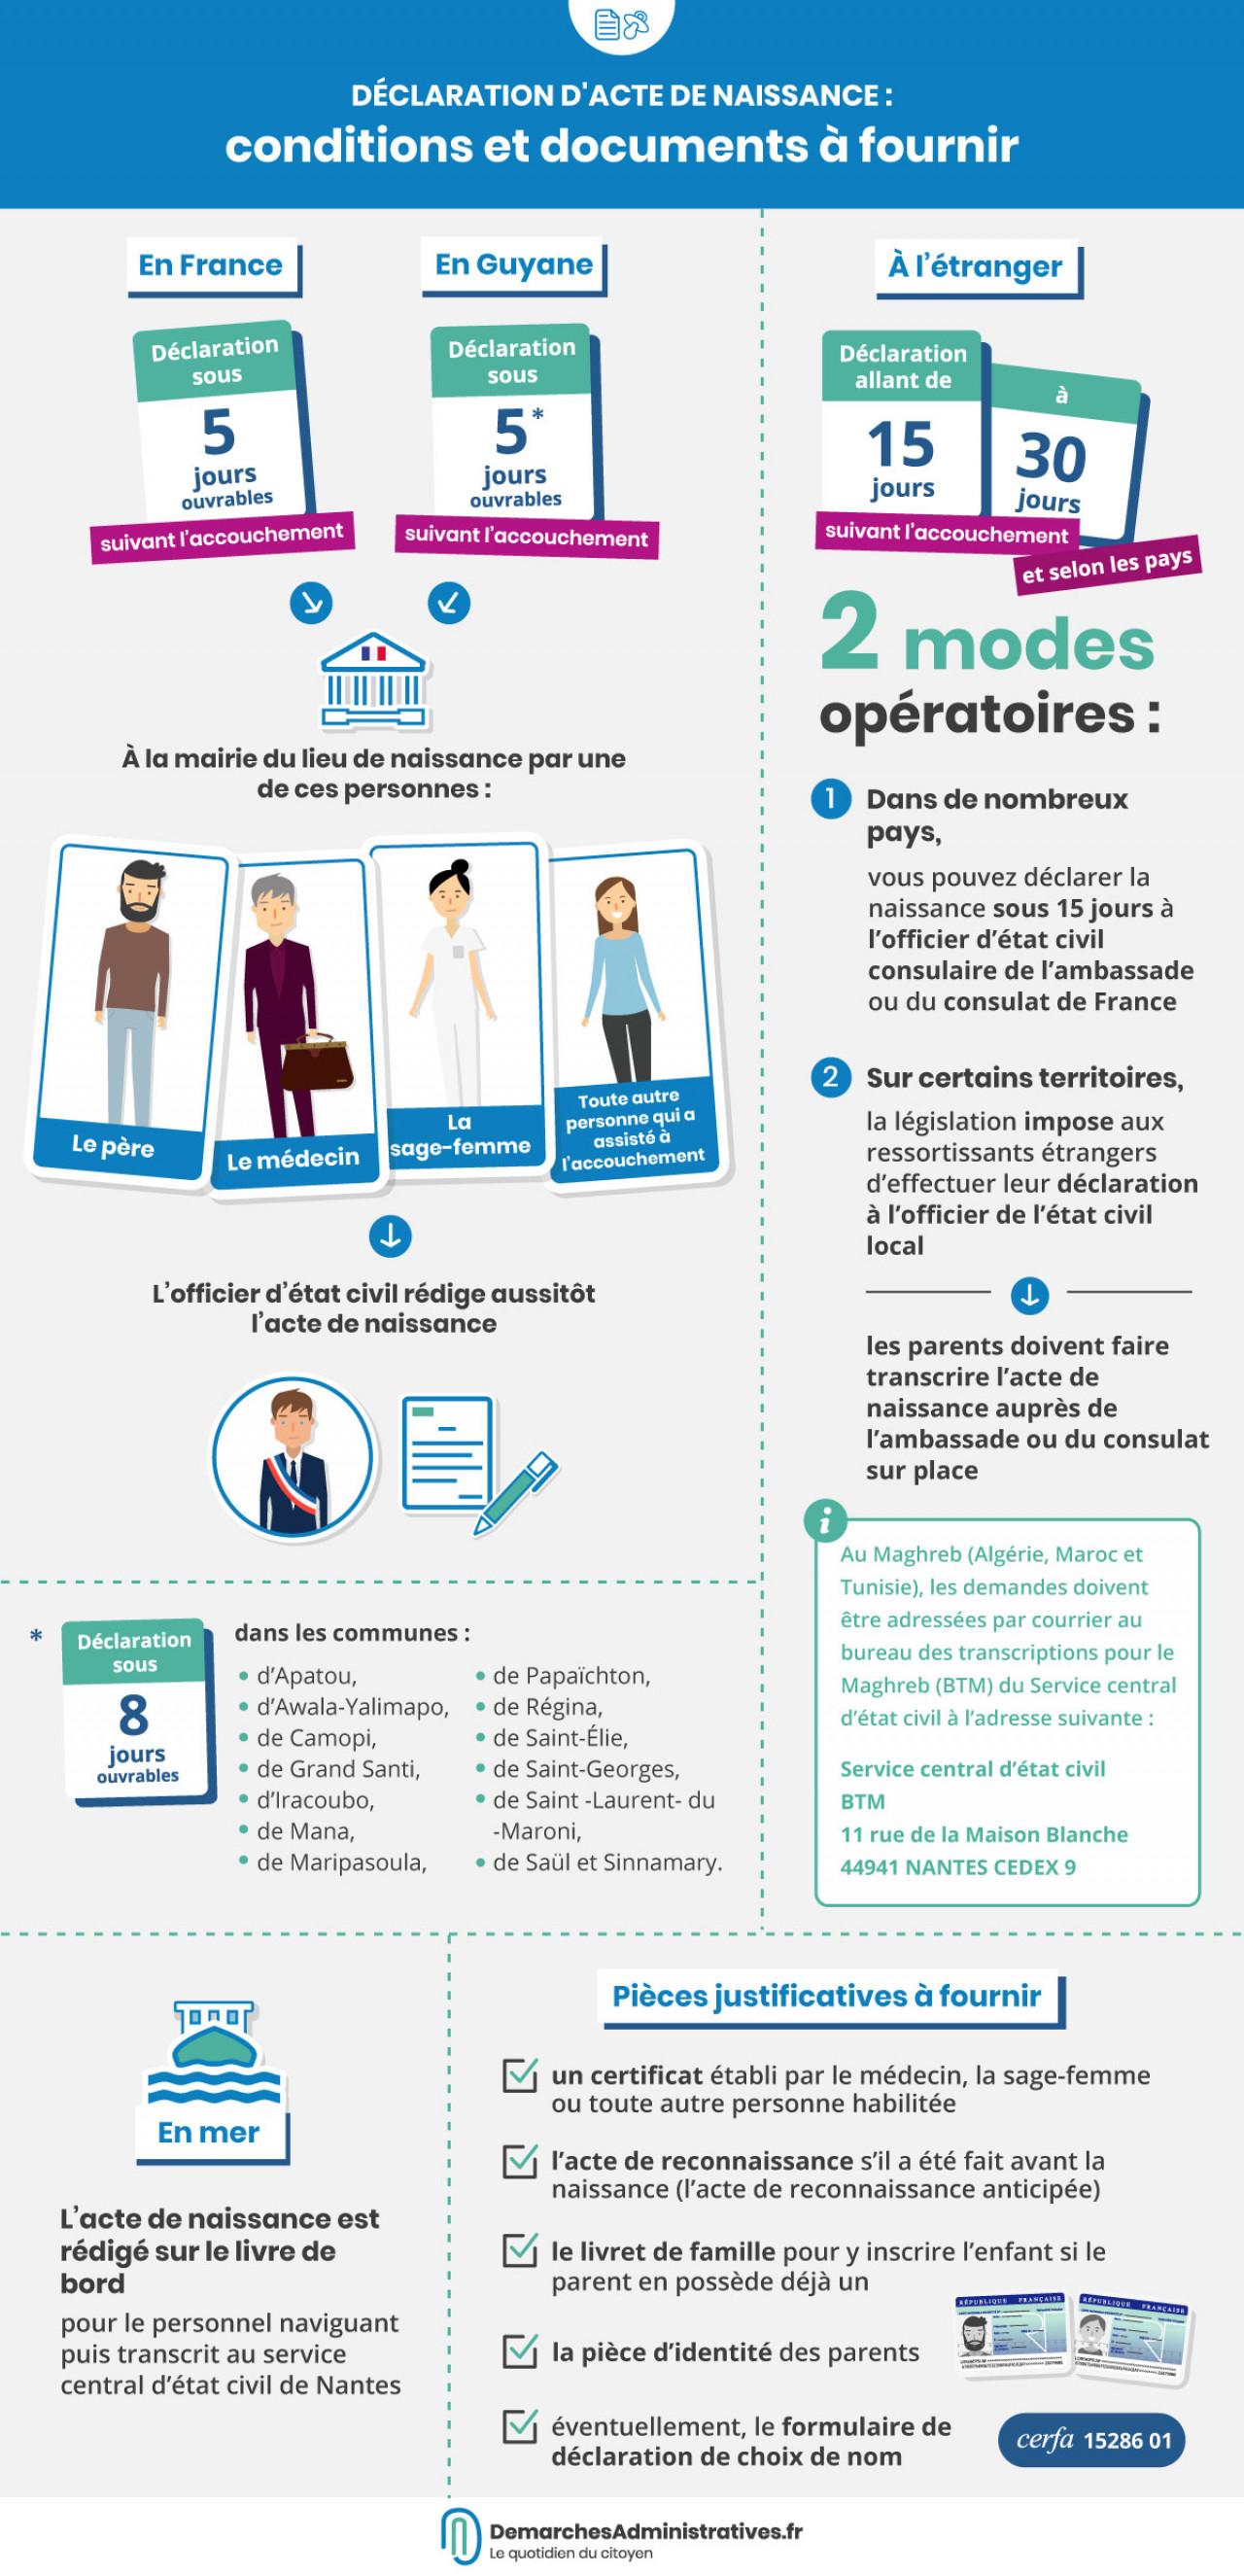 Déclaration d'acte de naissance : conditions et documents à fournir